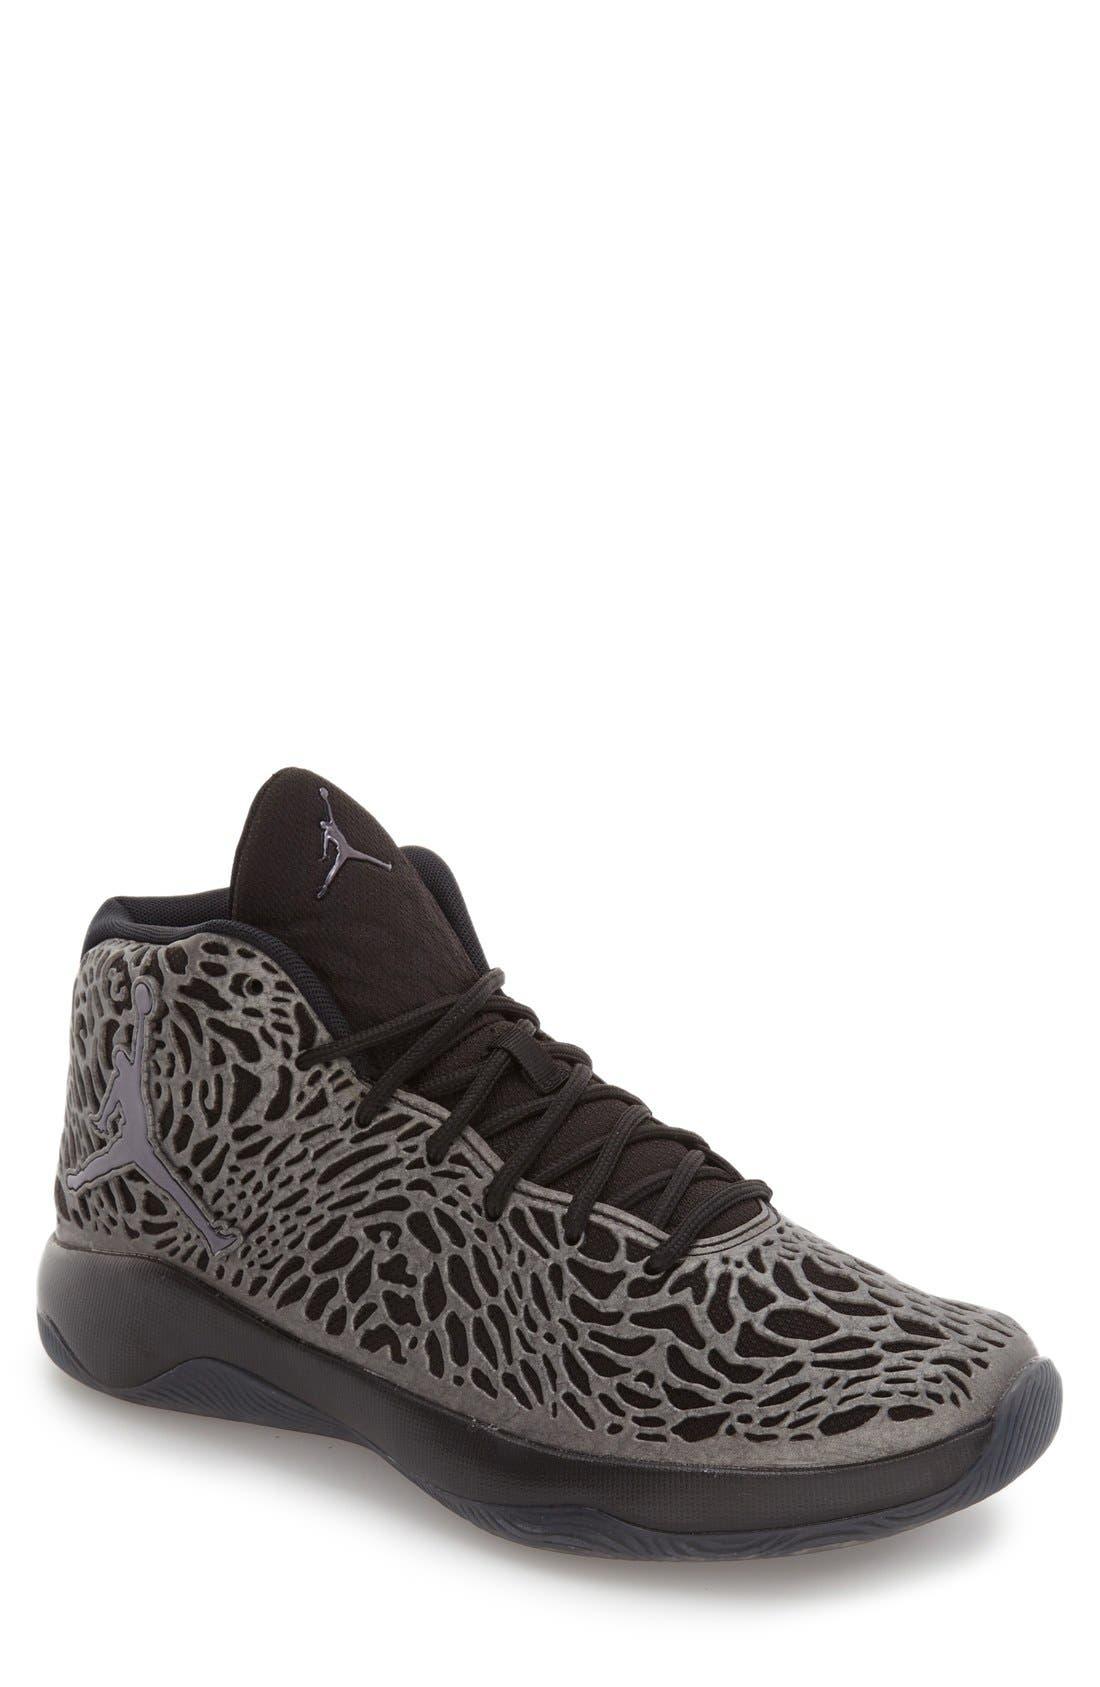 Main Image - Nike Jordan Ultra.Fly High Top Sneaker (Men)